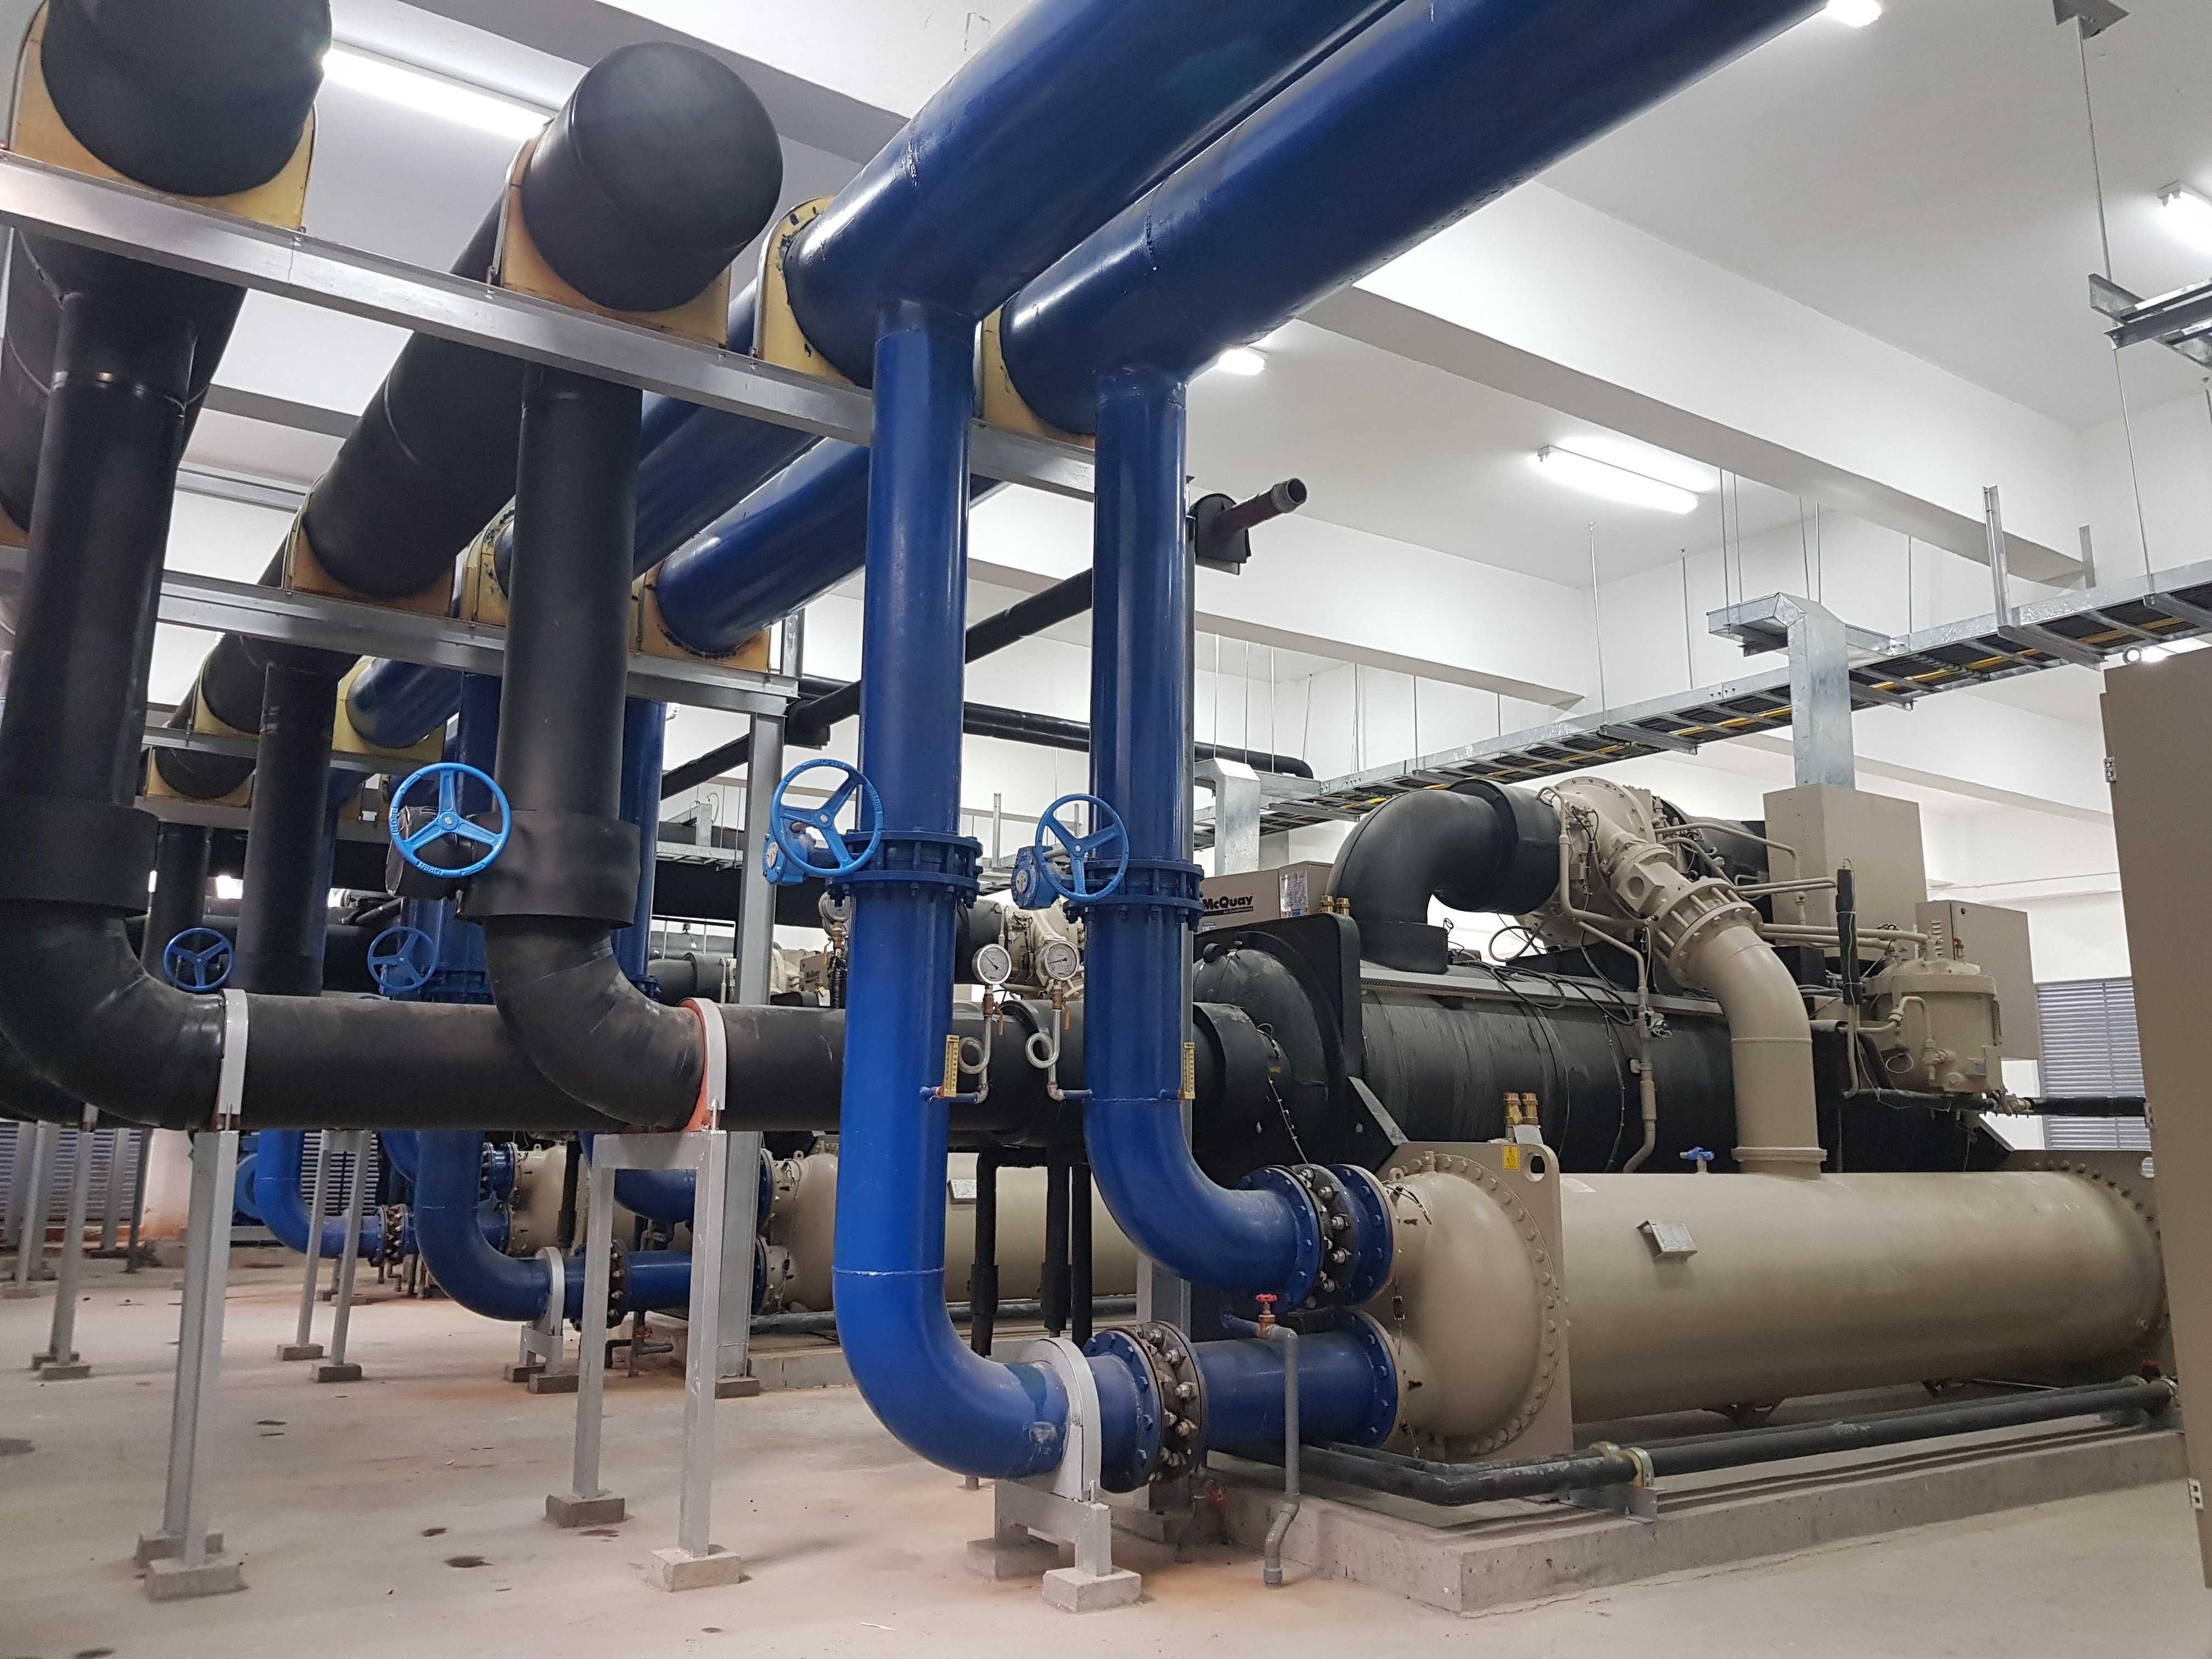 hệ thống máy làm lạnh nước ở các trạm trộn bê tồng